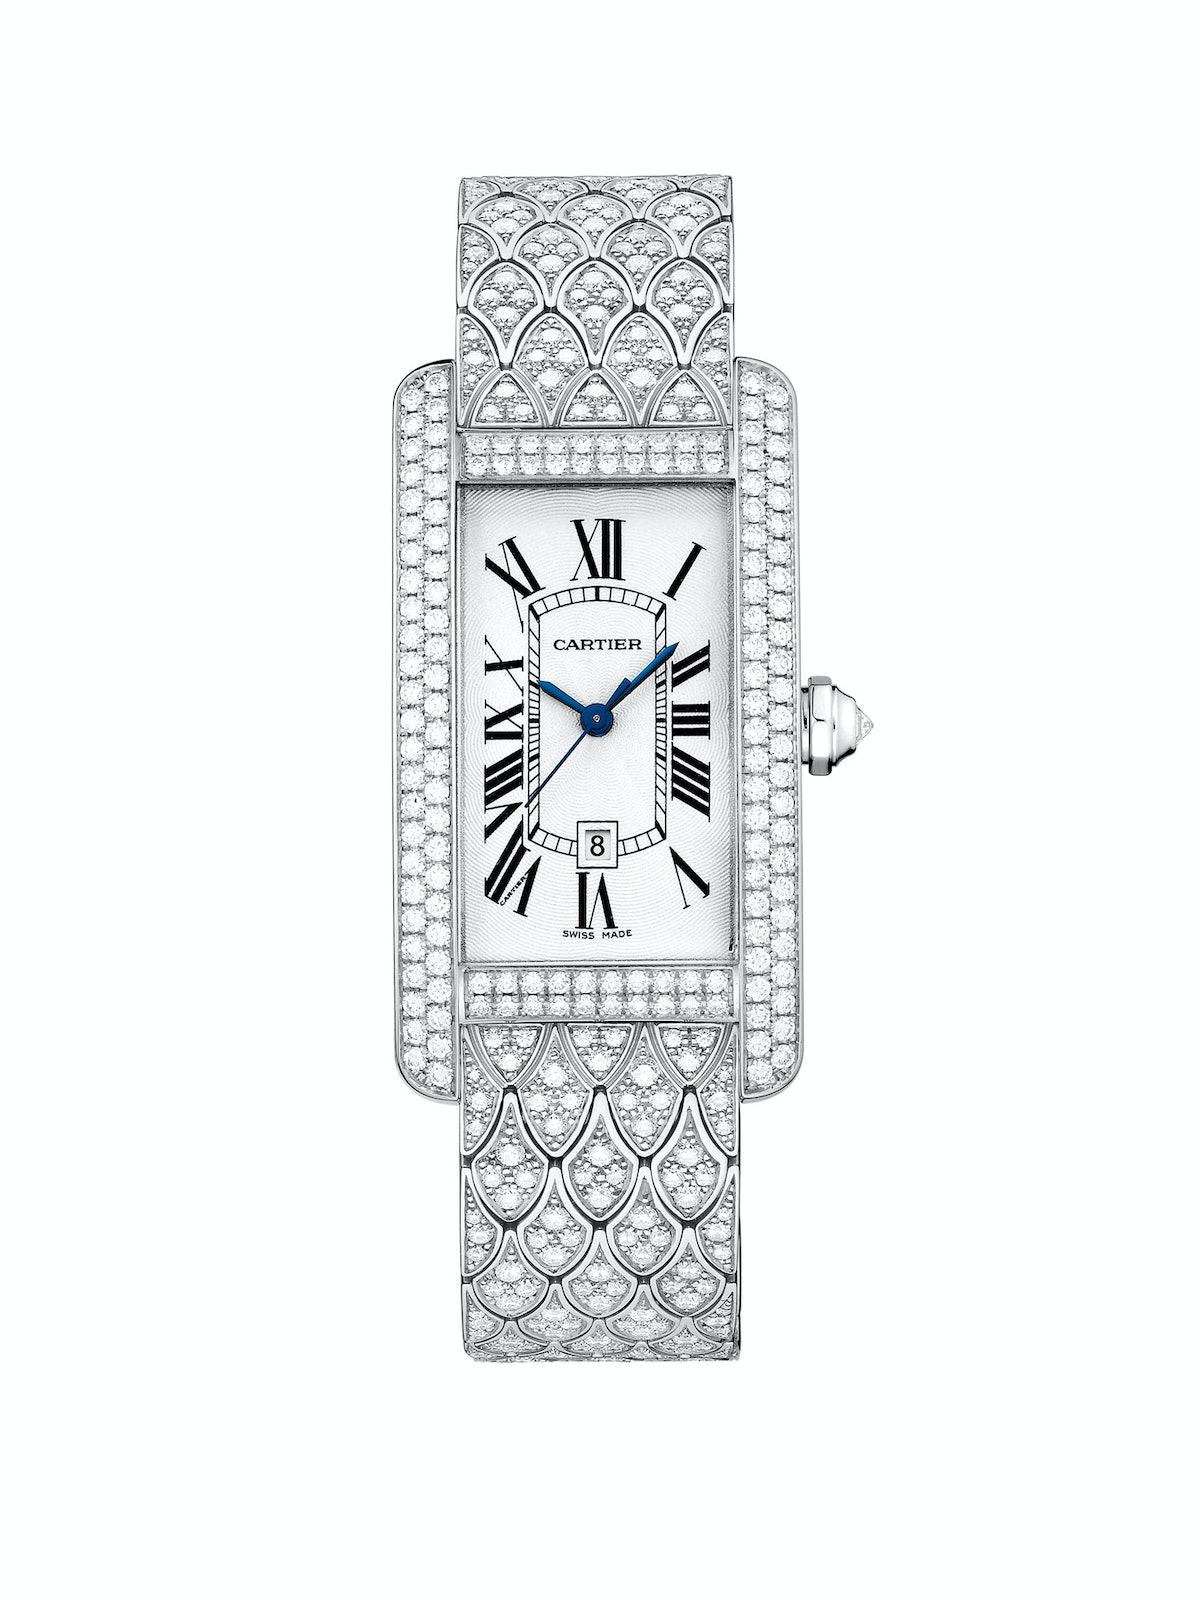 Cartier gold and diamond watch, $130,000, cartier.us.